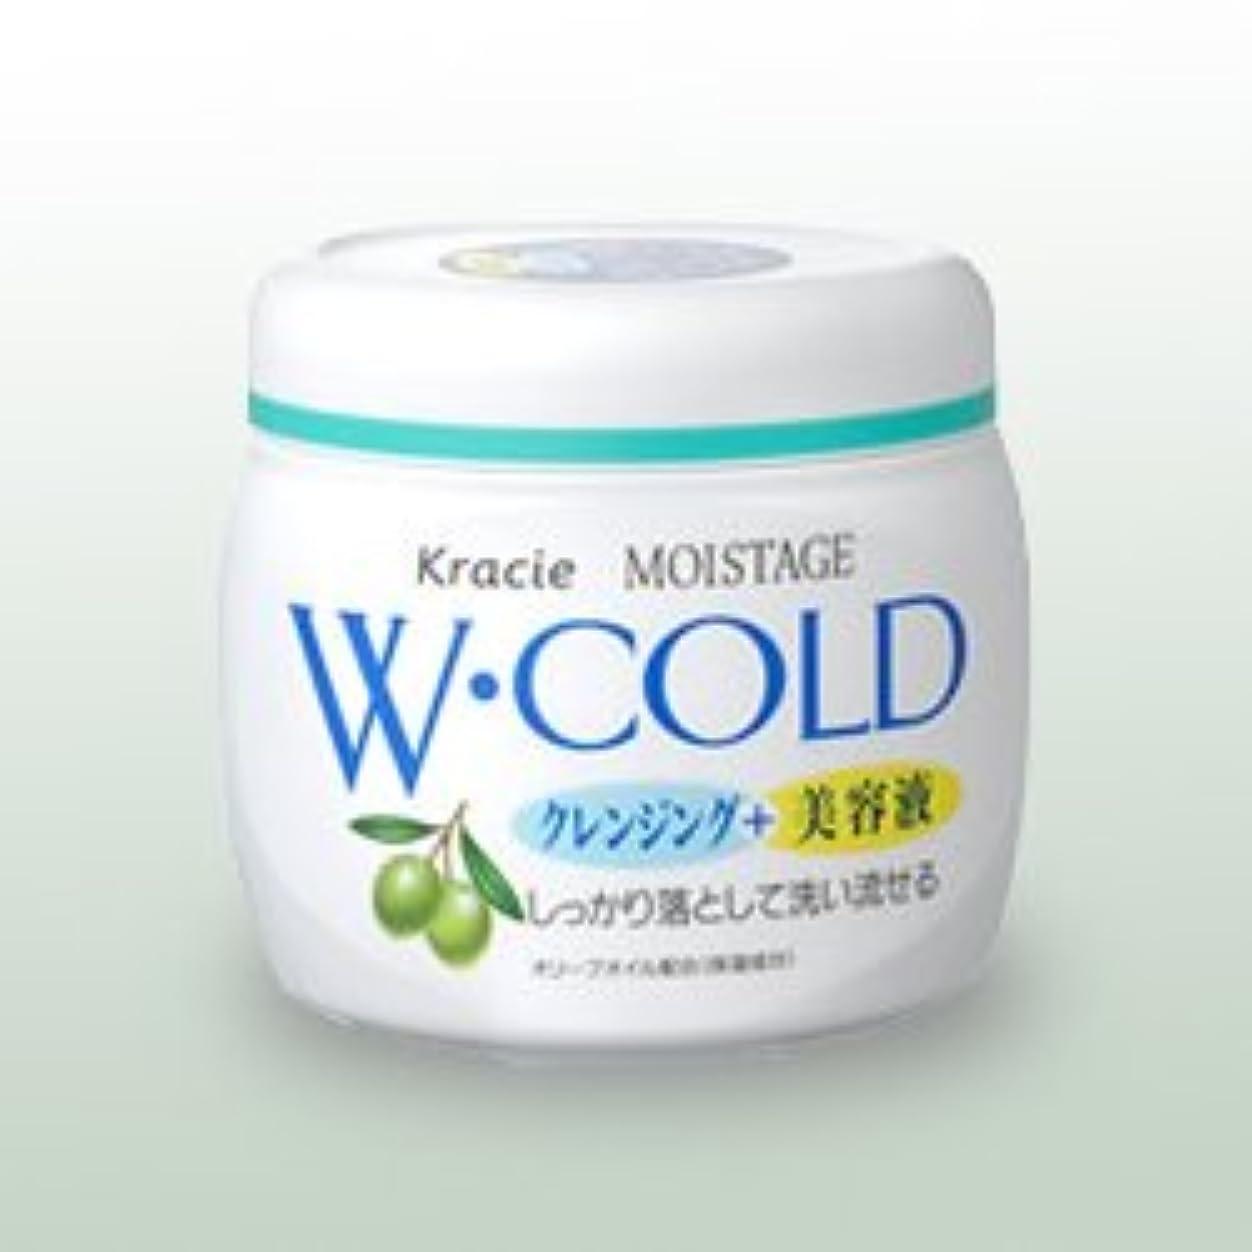 動作バンガローミシン【クラシエ】モイスタージュ Wコールドクリーム 270g ×20個セット